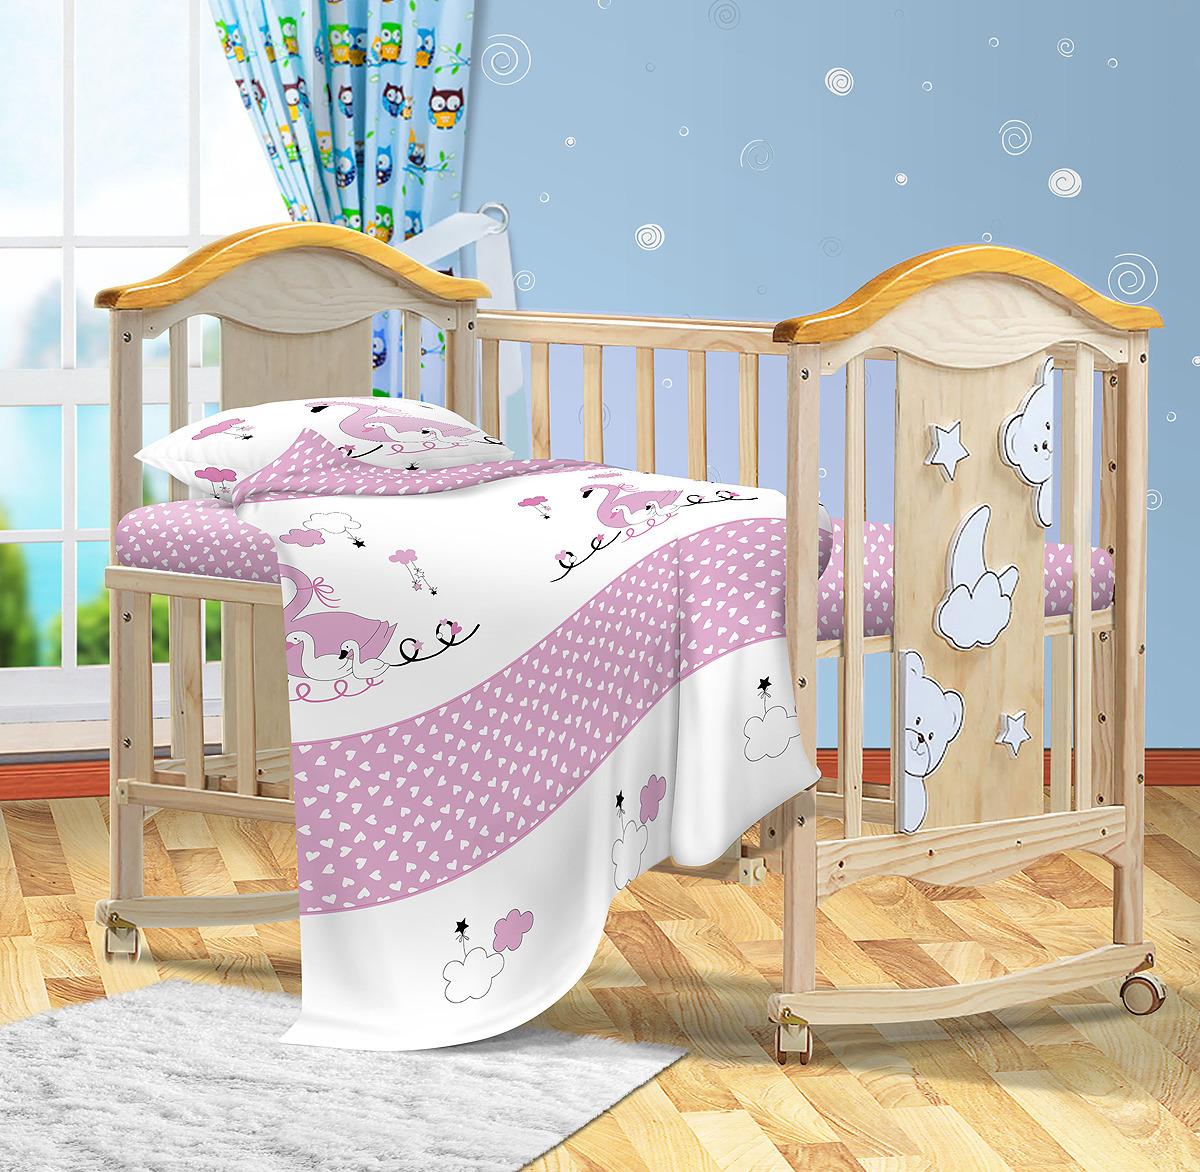 Комплект постельного белья детский Bonne Fee ОДР-110х140/1, розовый комплект постельного белья детский bonne fee опдр 110х140 3 розовый